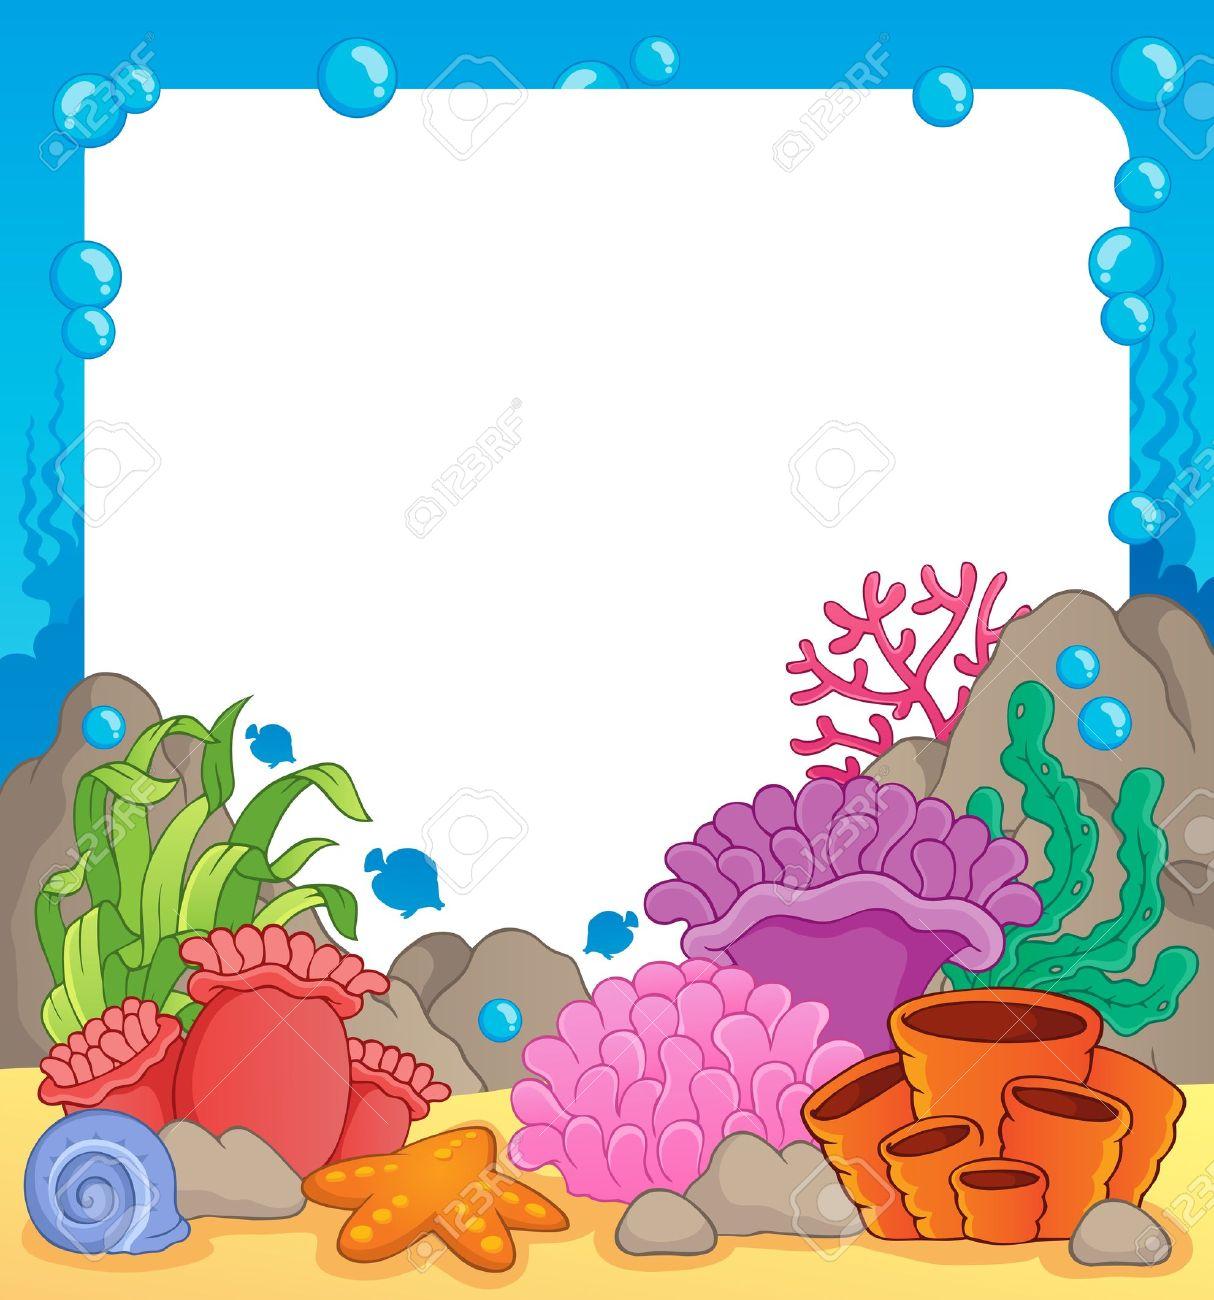 Arrecife De Coral Tema Frame 1 - Ilustración Vectorial Ilustraciones ...